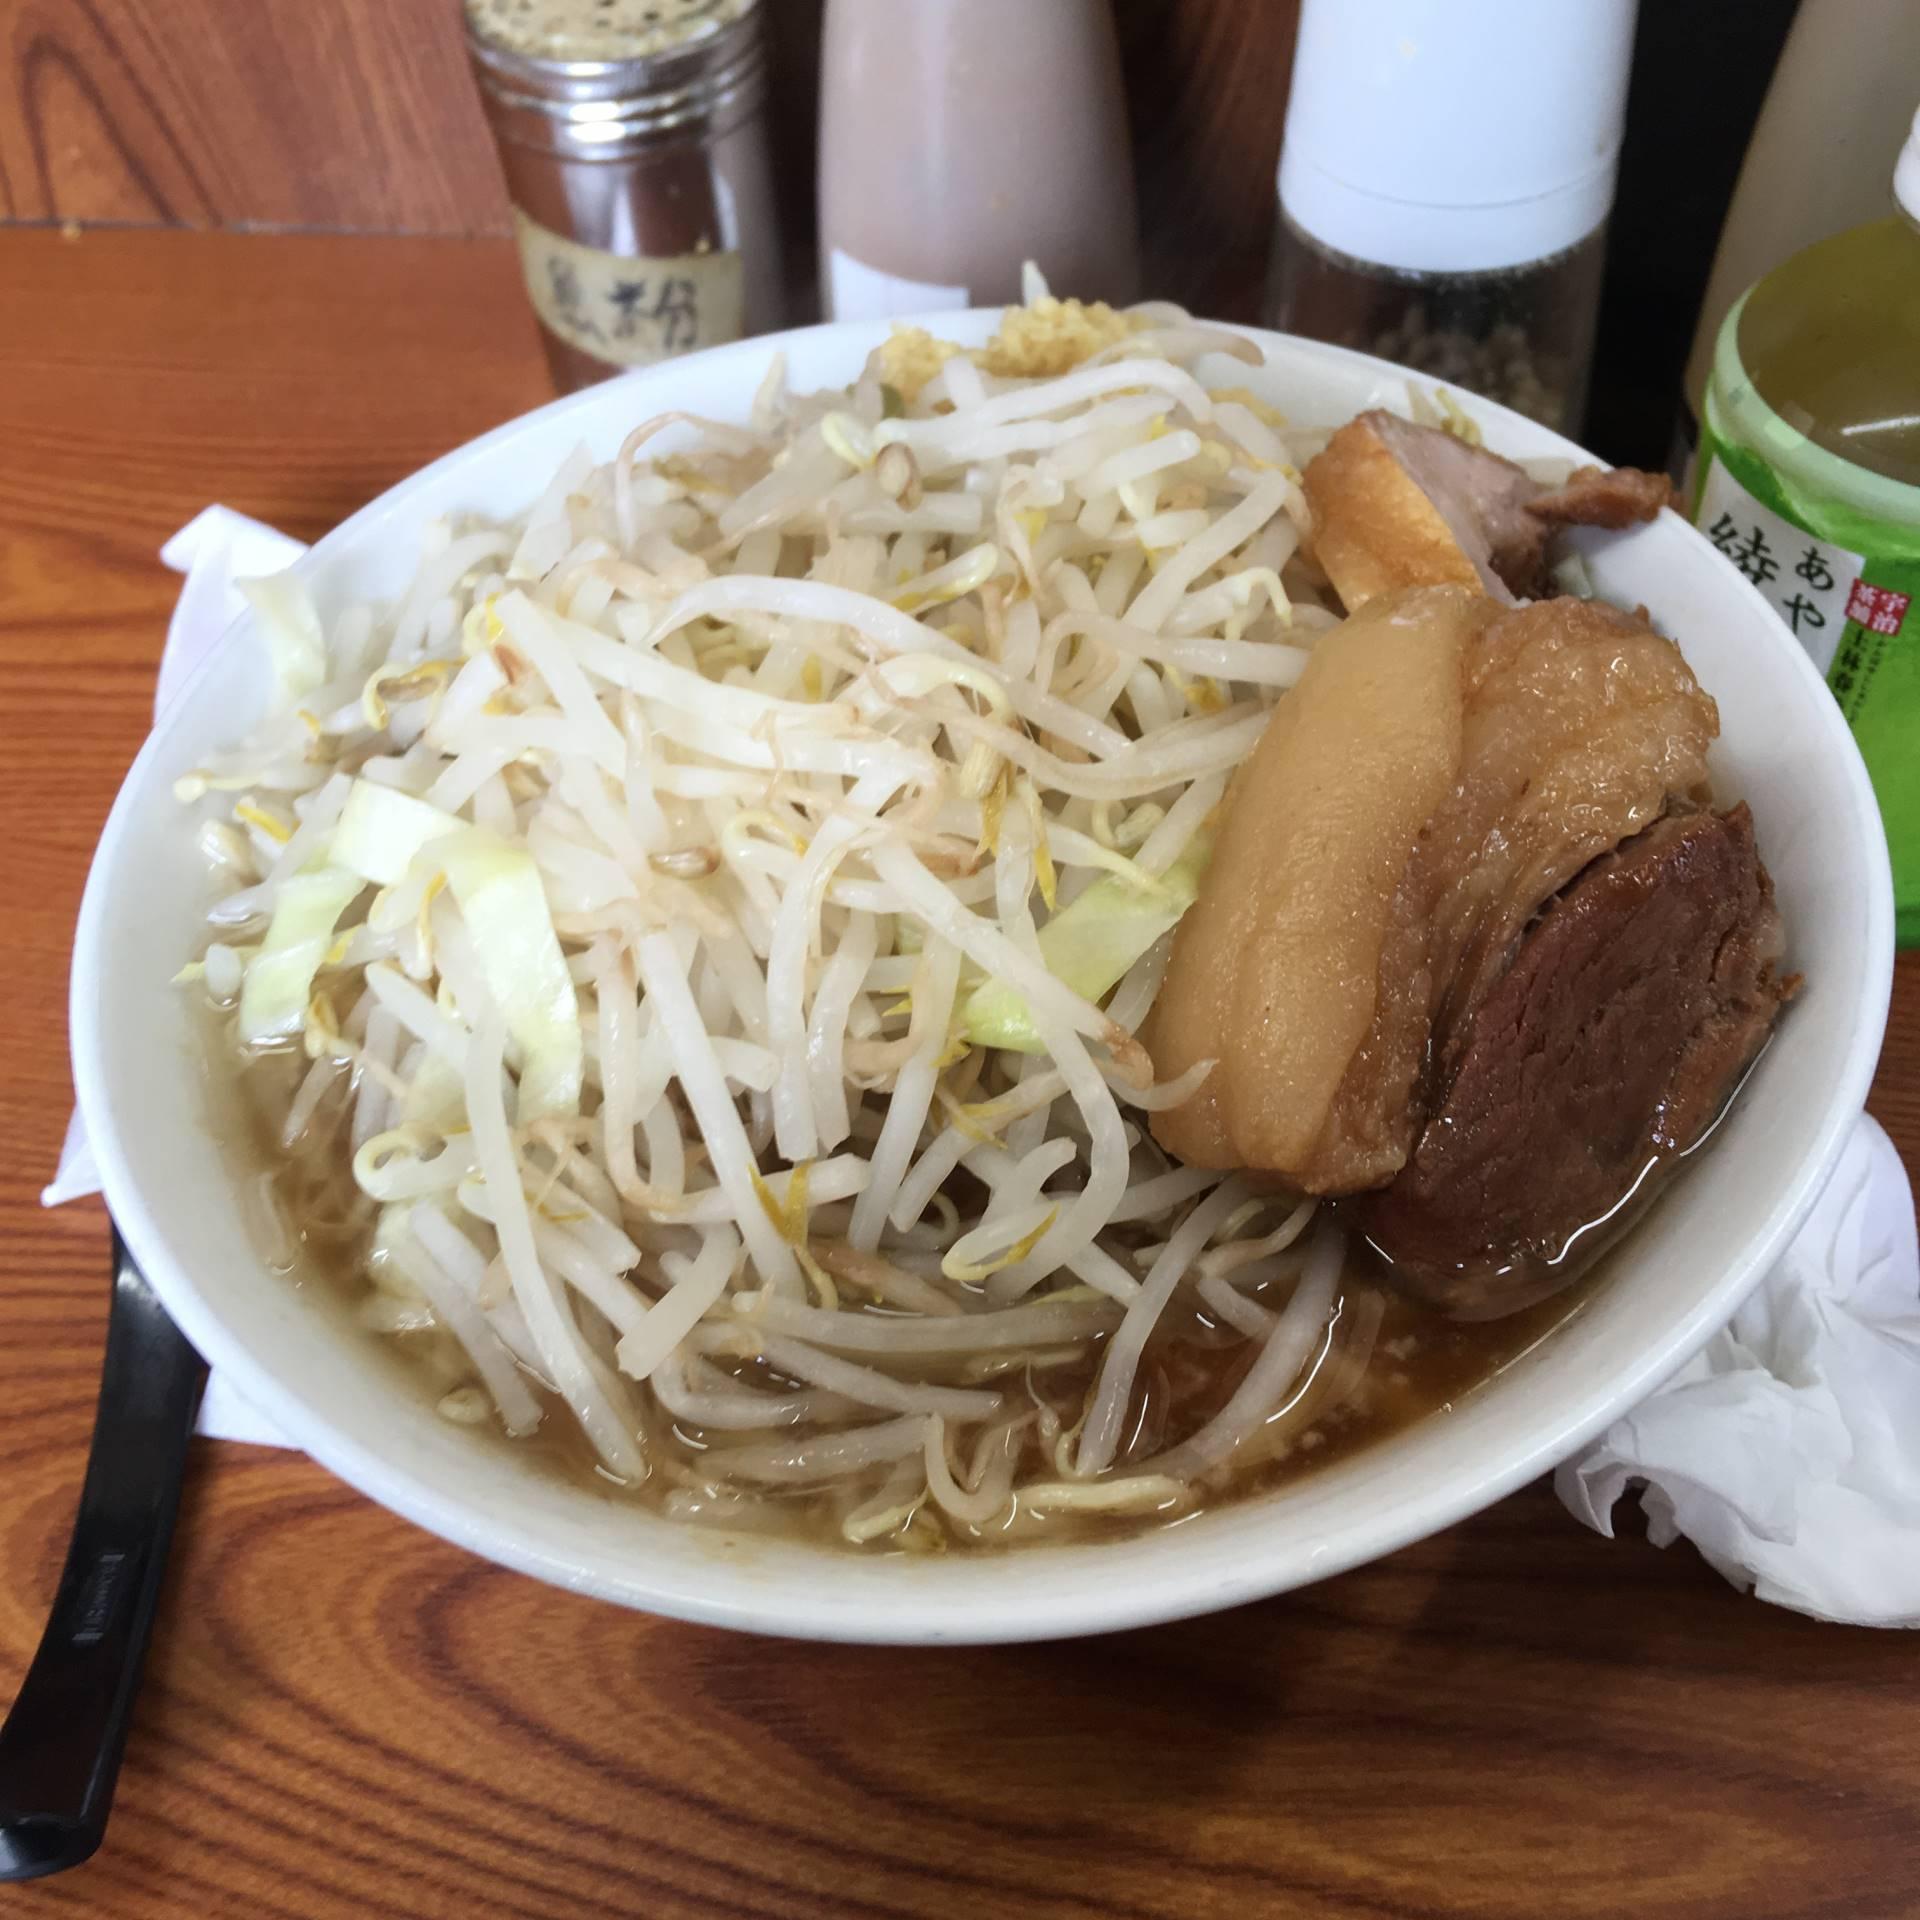 ラーメン730円 麺すくなめ硬め ヤサイマシニンニク